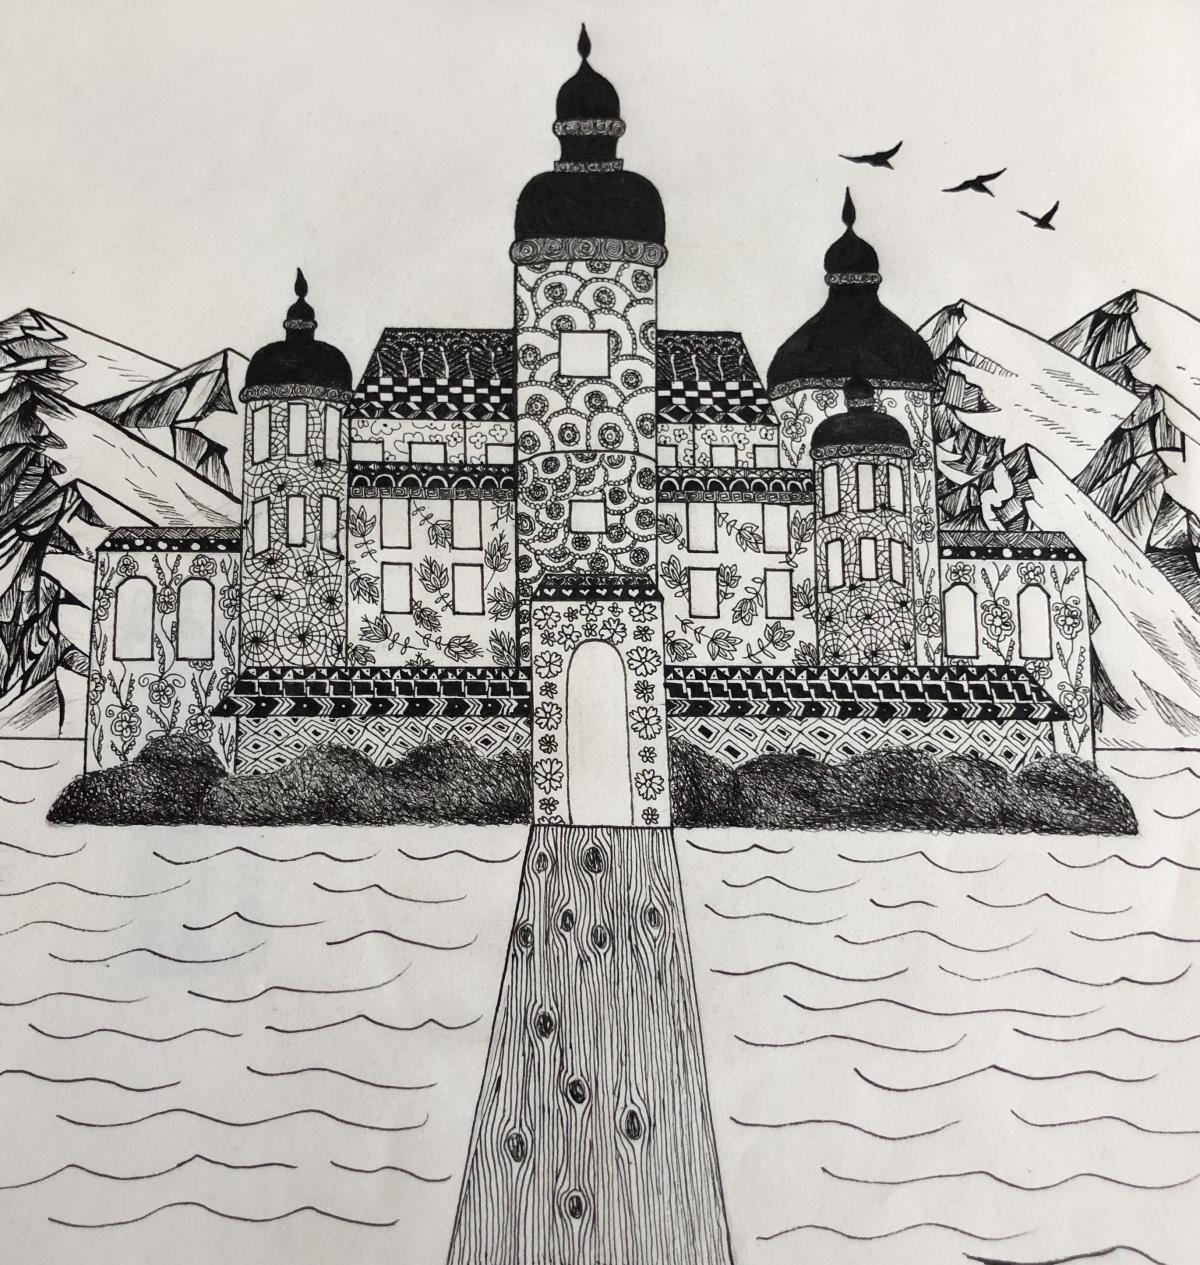 Ryman Arts Drawing Challenge: Artwork by Gabi Osmers; Dream castle